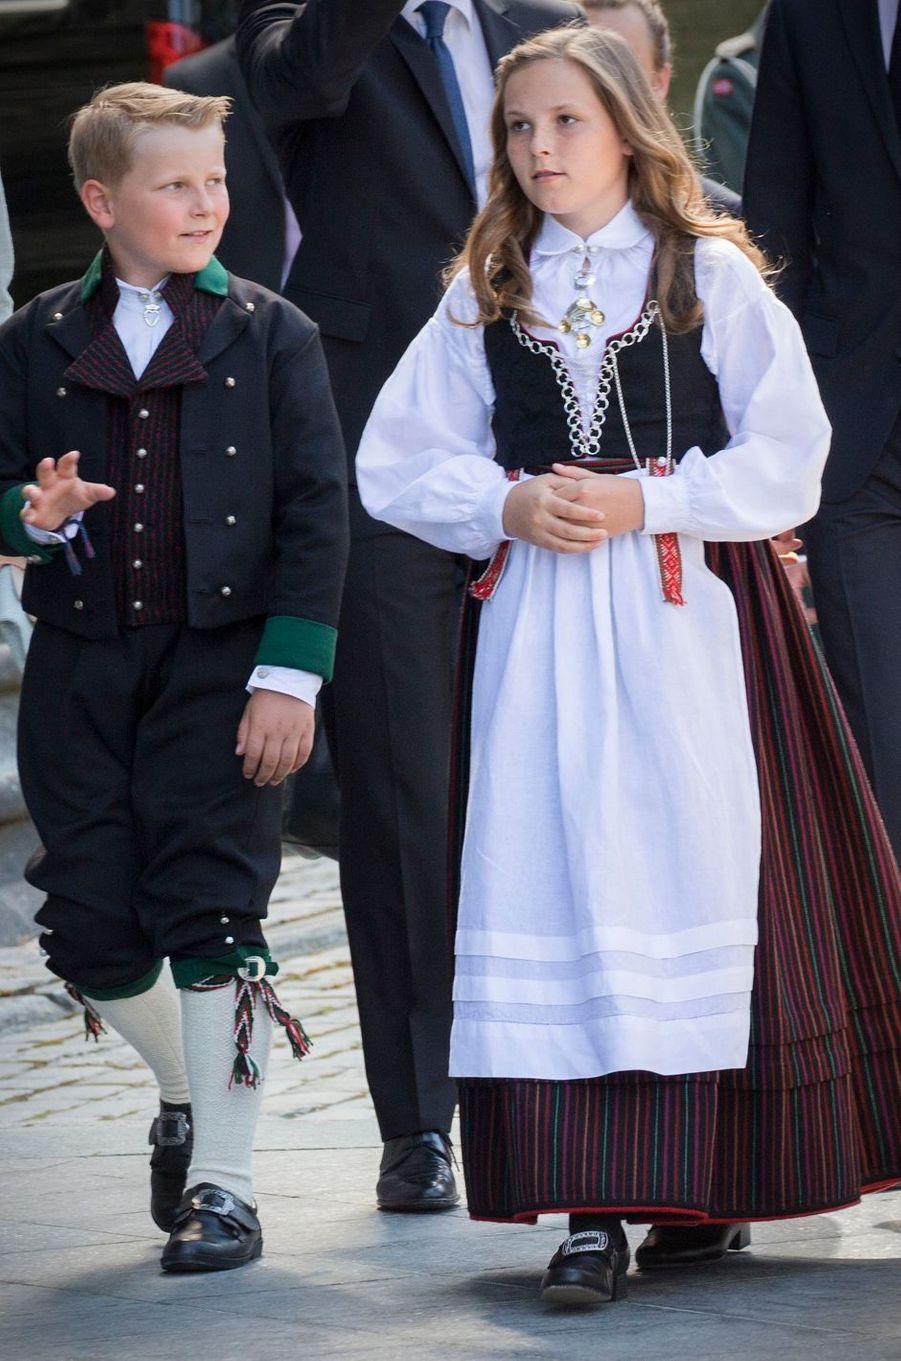 La princesse Ingrid Alexandra de Norvège avec son frère le prince Sverre Magnus, le 23 juin 2016